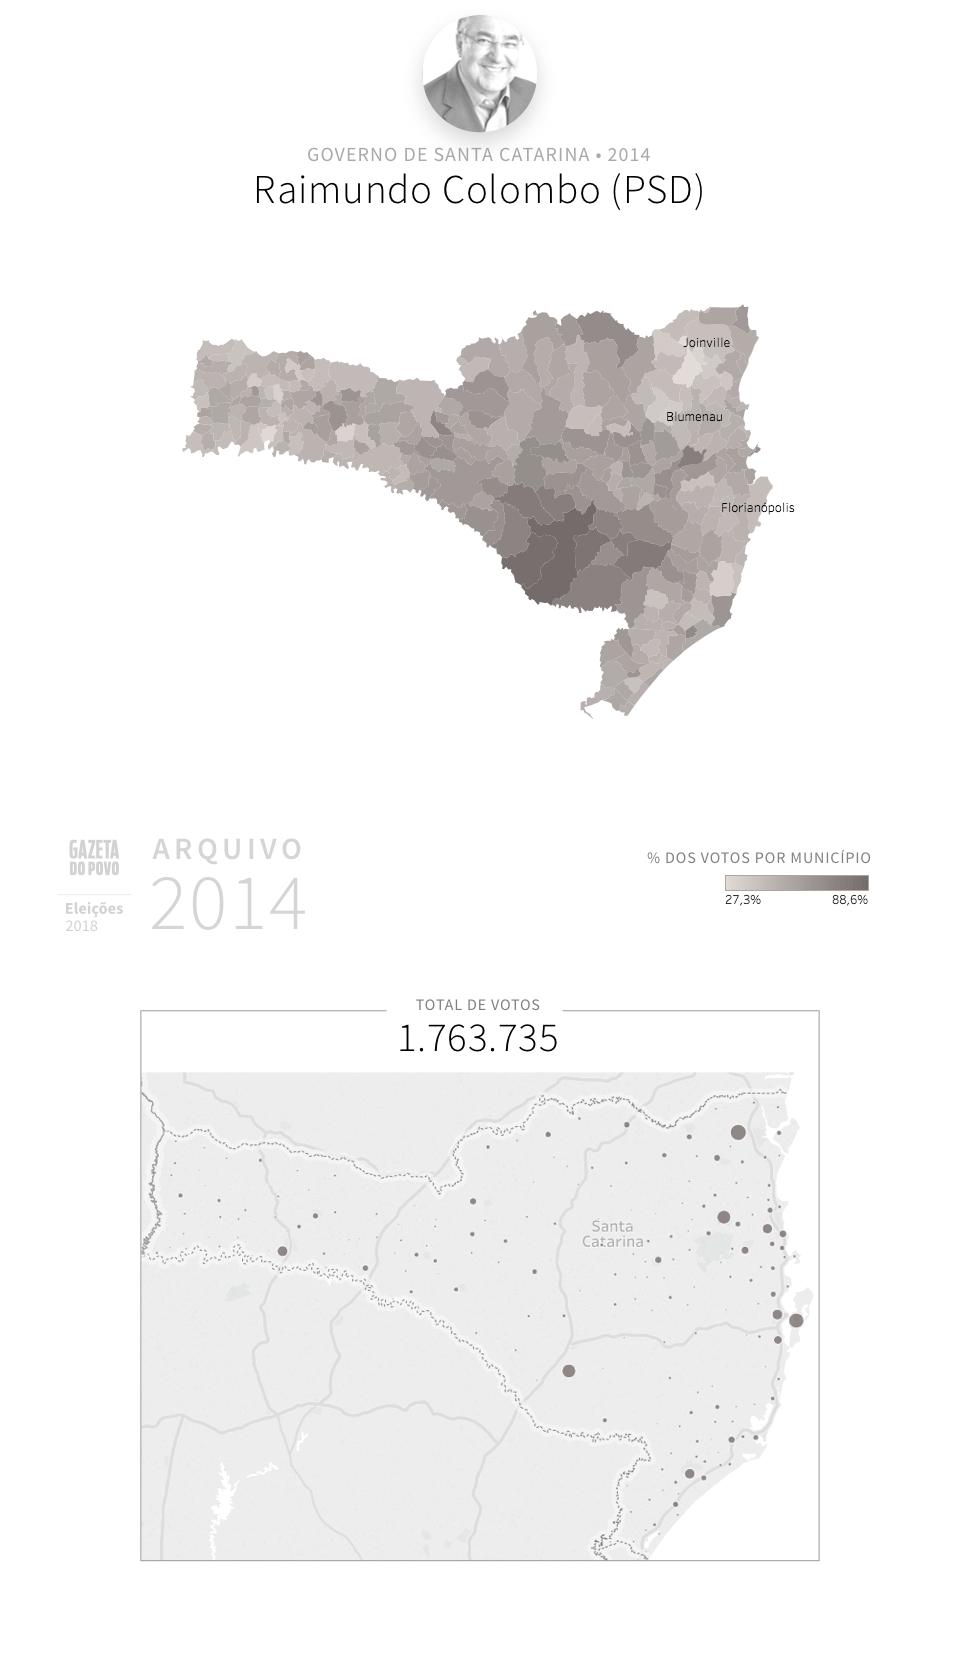 Desempenho do PSD em Santa Catarina em 2014, na eleição para governador de Santa Catarina. Em % do total de votos em cada município.